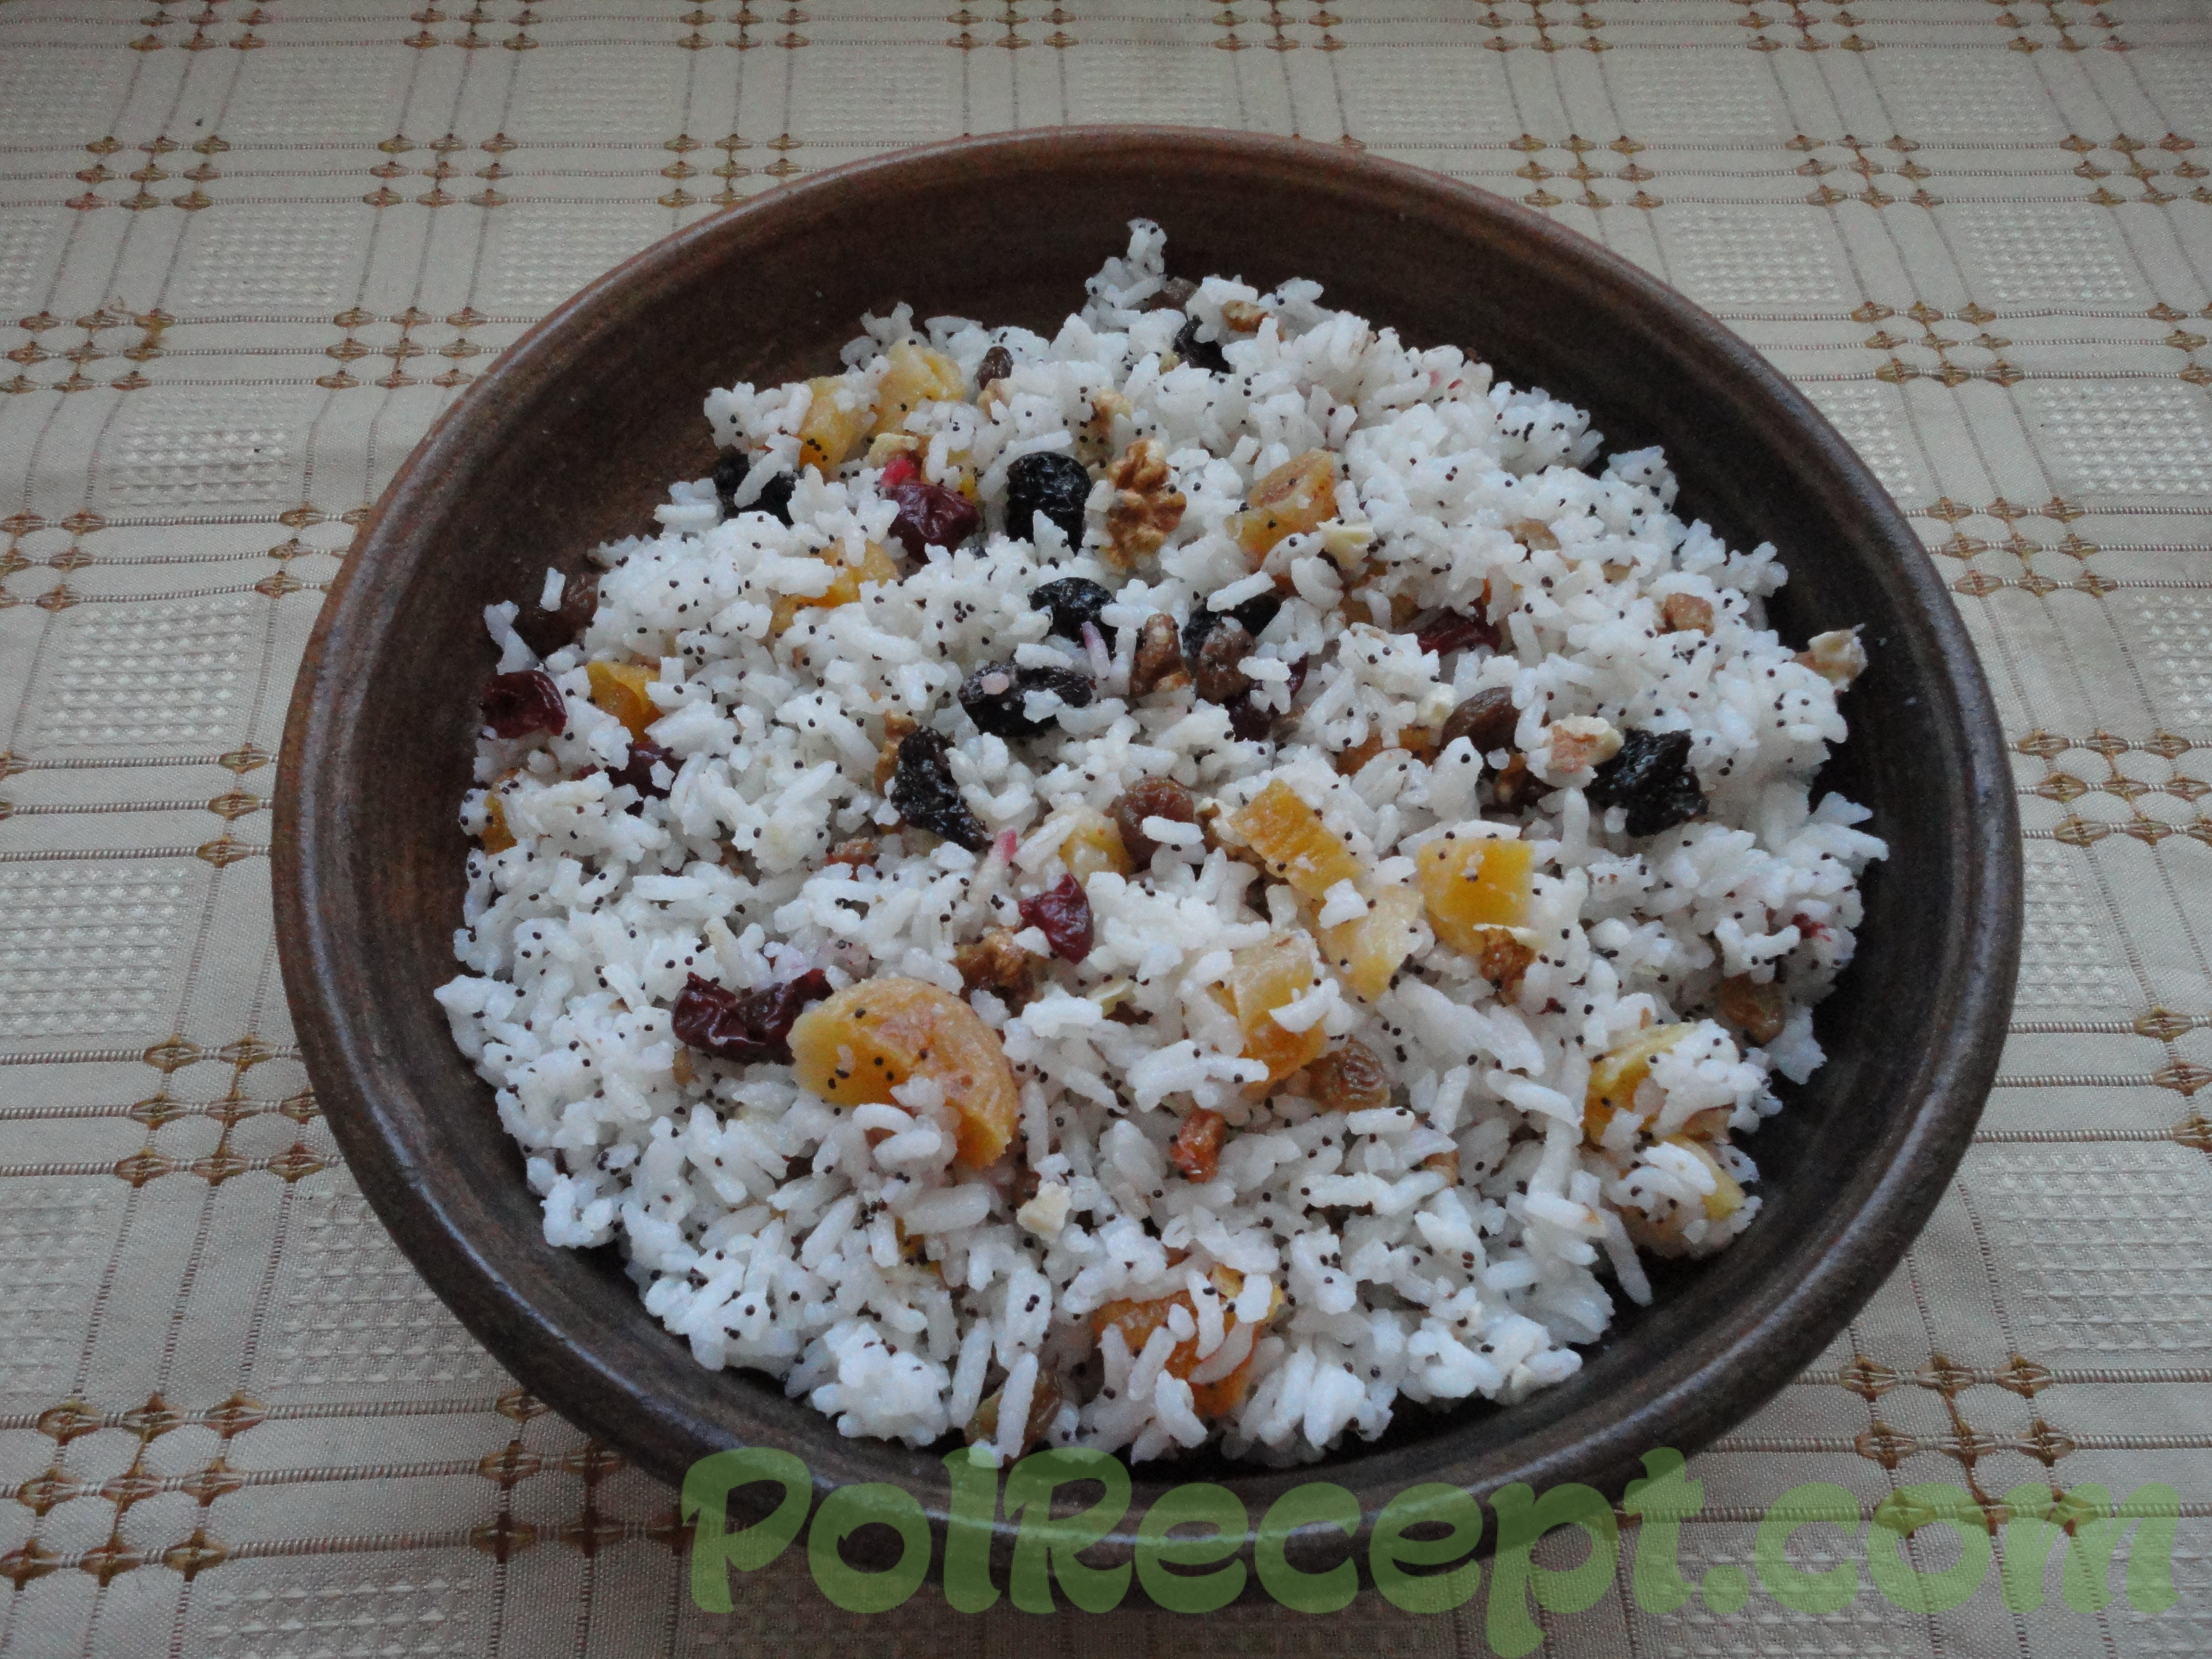 Как сделать кутью из риса и изюма фото 23